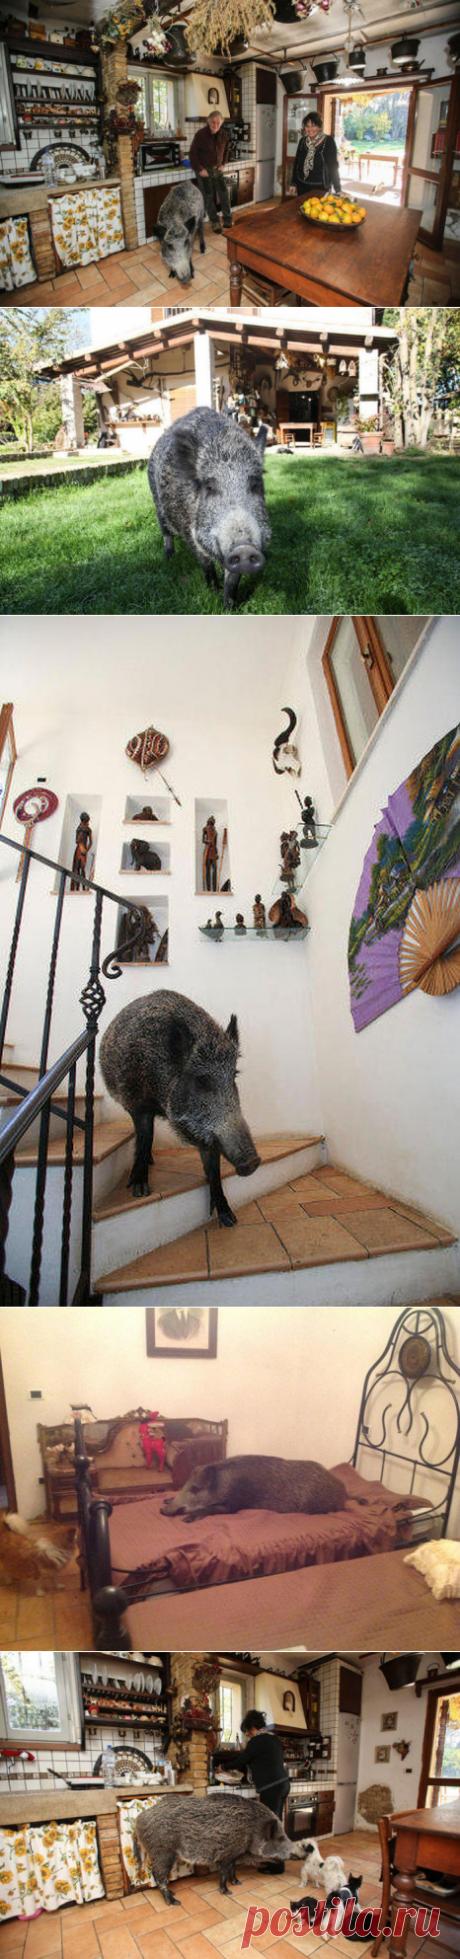 Cпасшие дикого кабана люди, поселили его у себя дома.